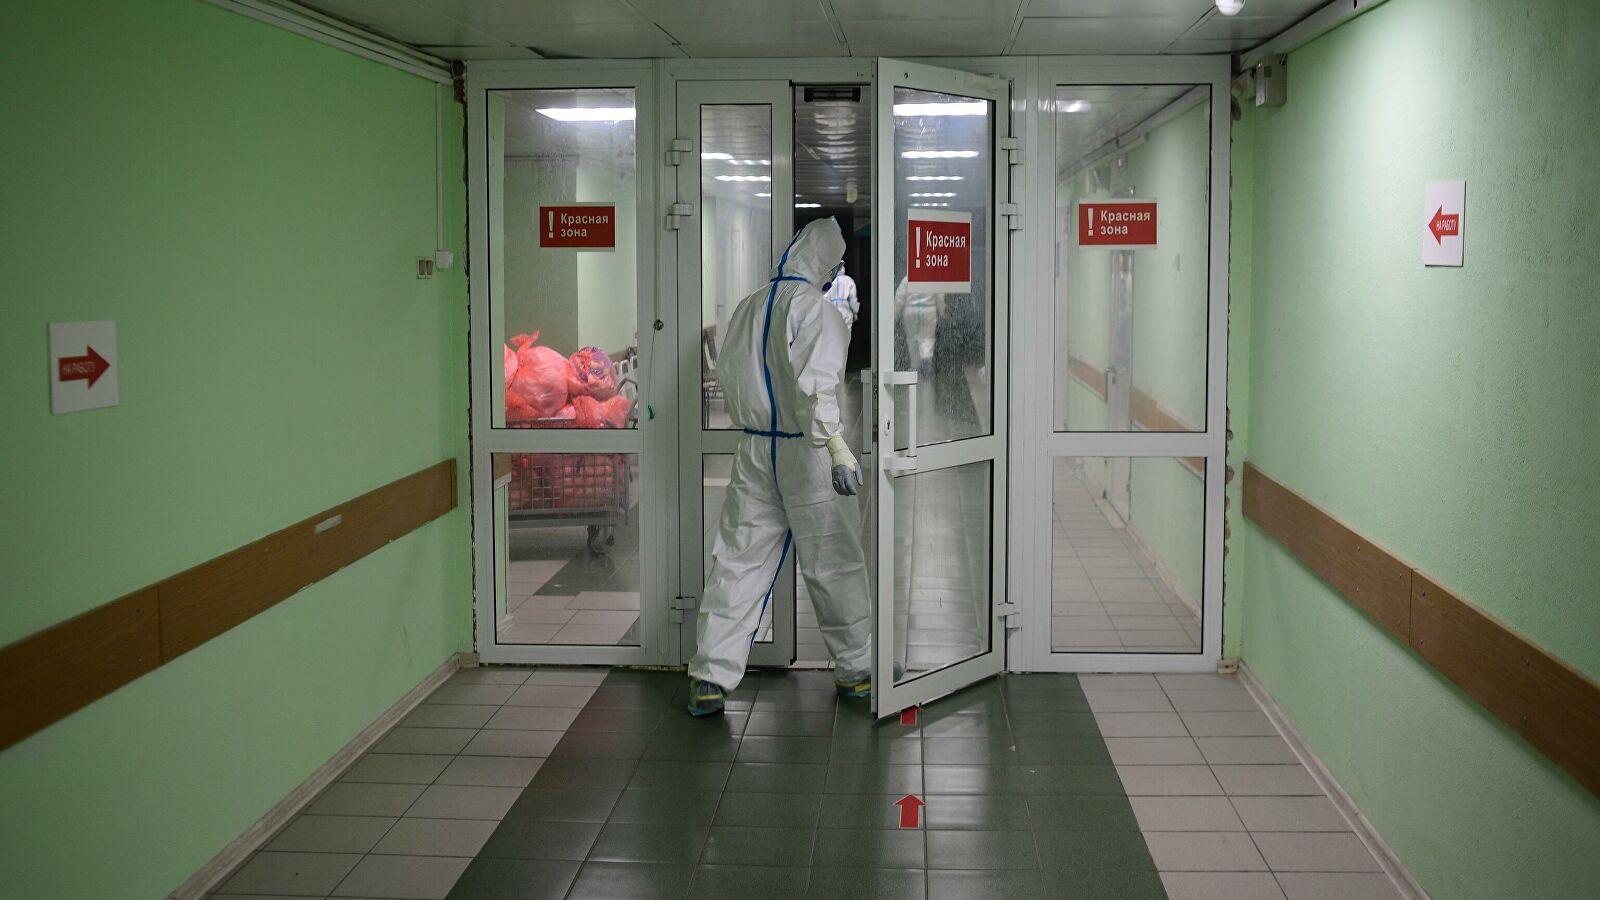 Мурашко: 25% переболевших коронавирусом имеют осложнения и требуют наблюдения